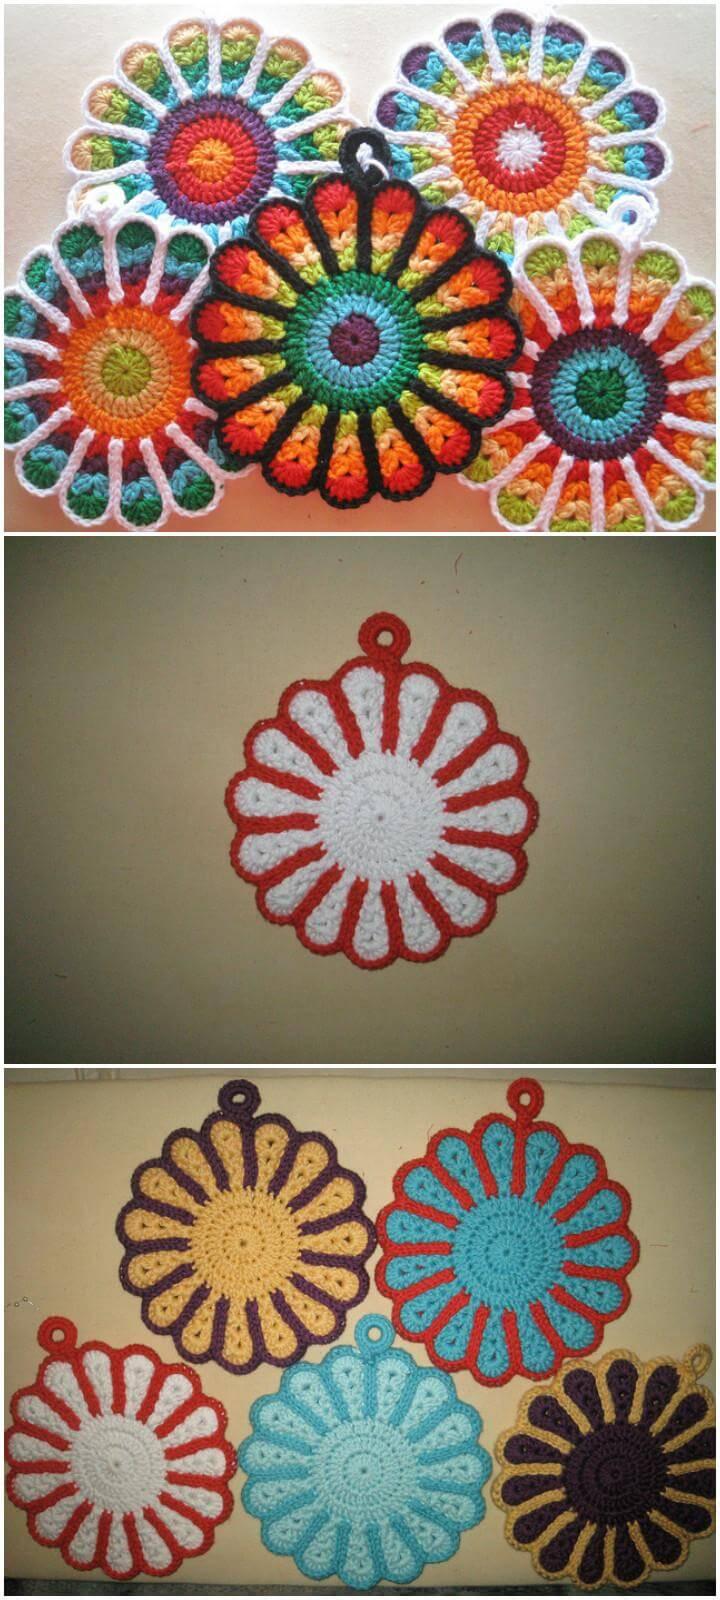 Mandala Market Gardens The Layout: 60+ Free Crochet Mandala Patterns